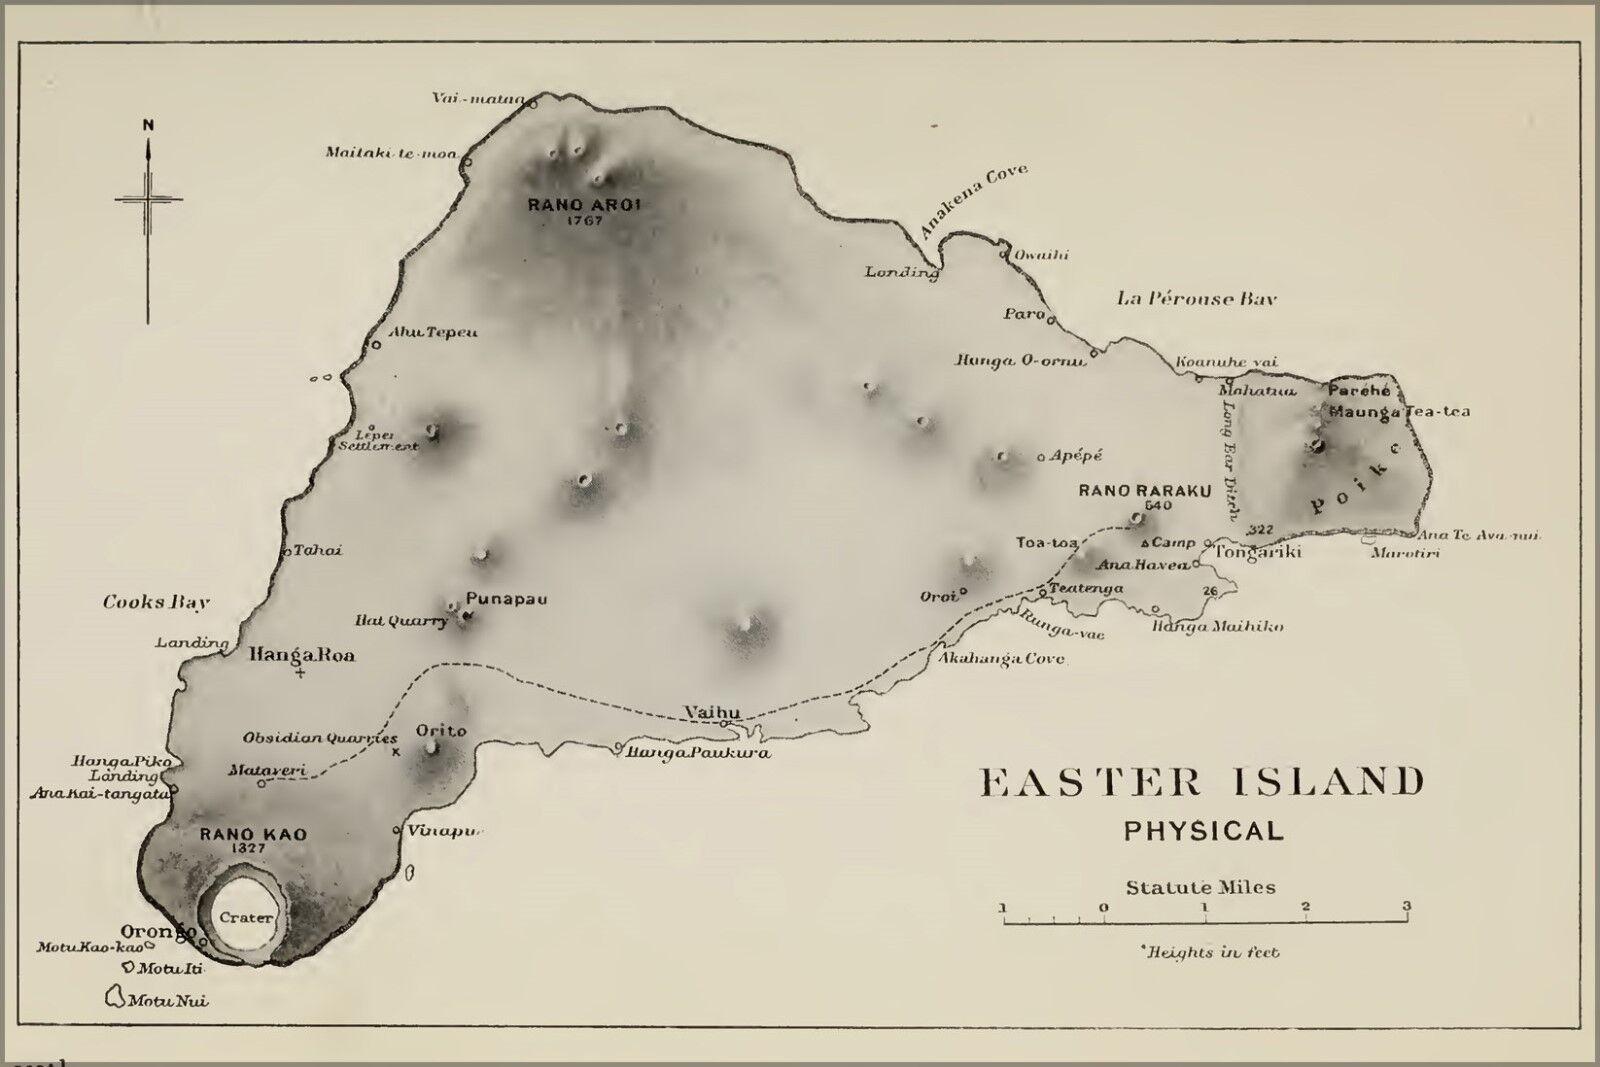 Poster, Molte Misure; Isola di Pasqua Fisica Mappa 1920